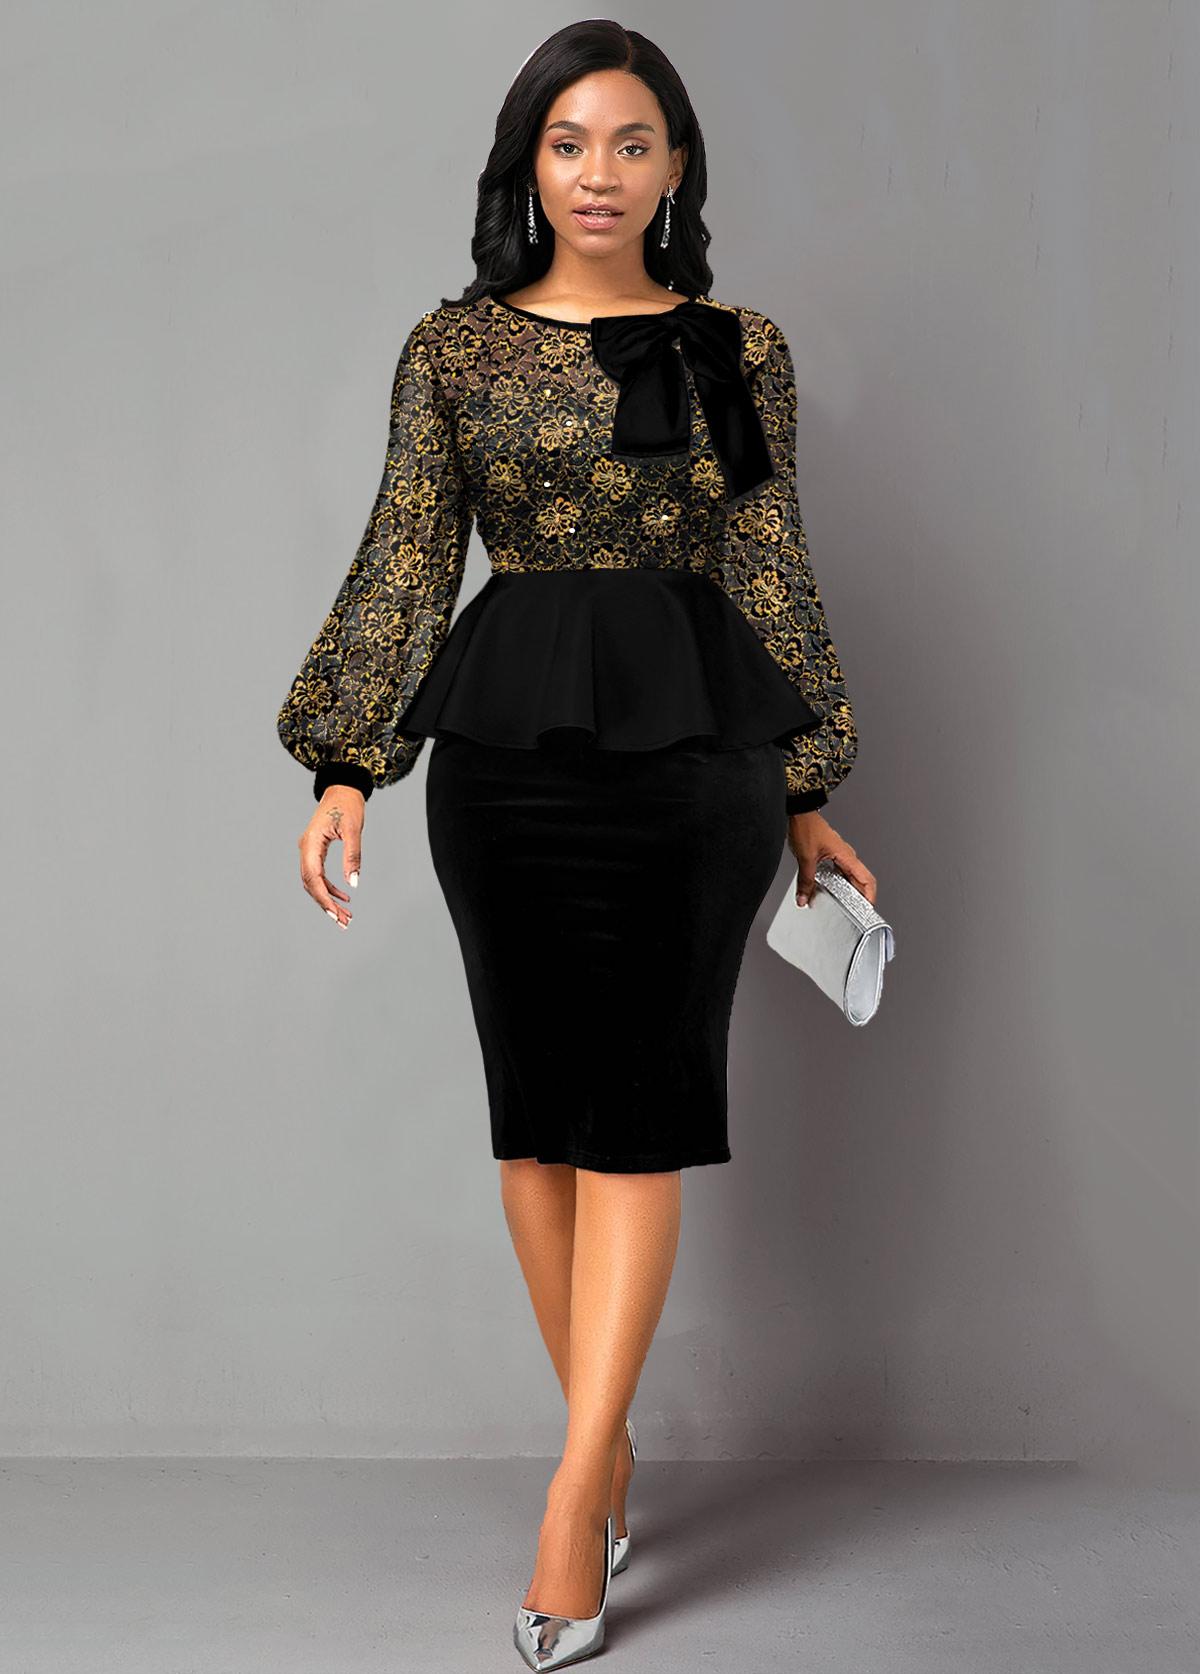 Lace Panel Sequin Peplum Waist Bowknot Dress